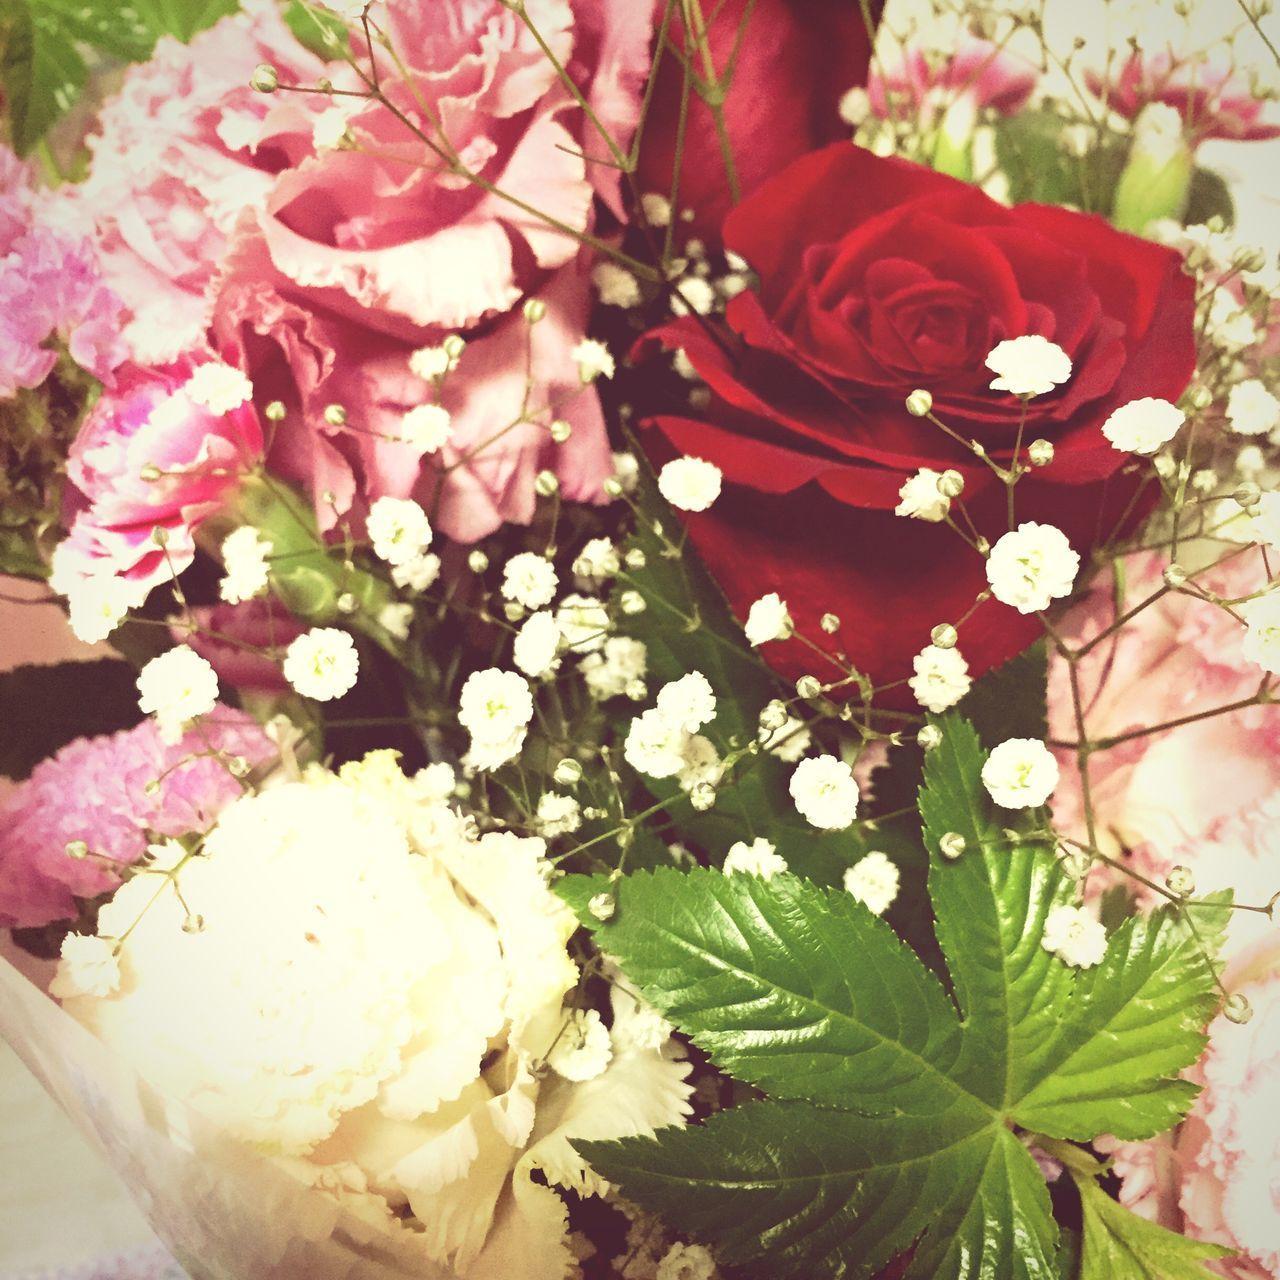 06.22 結婚記念日に 結婚記念日 Wedding Anniversary 花束 Flower